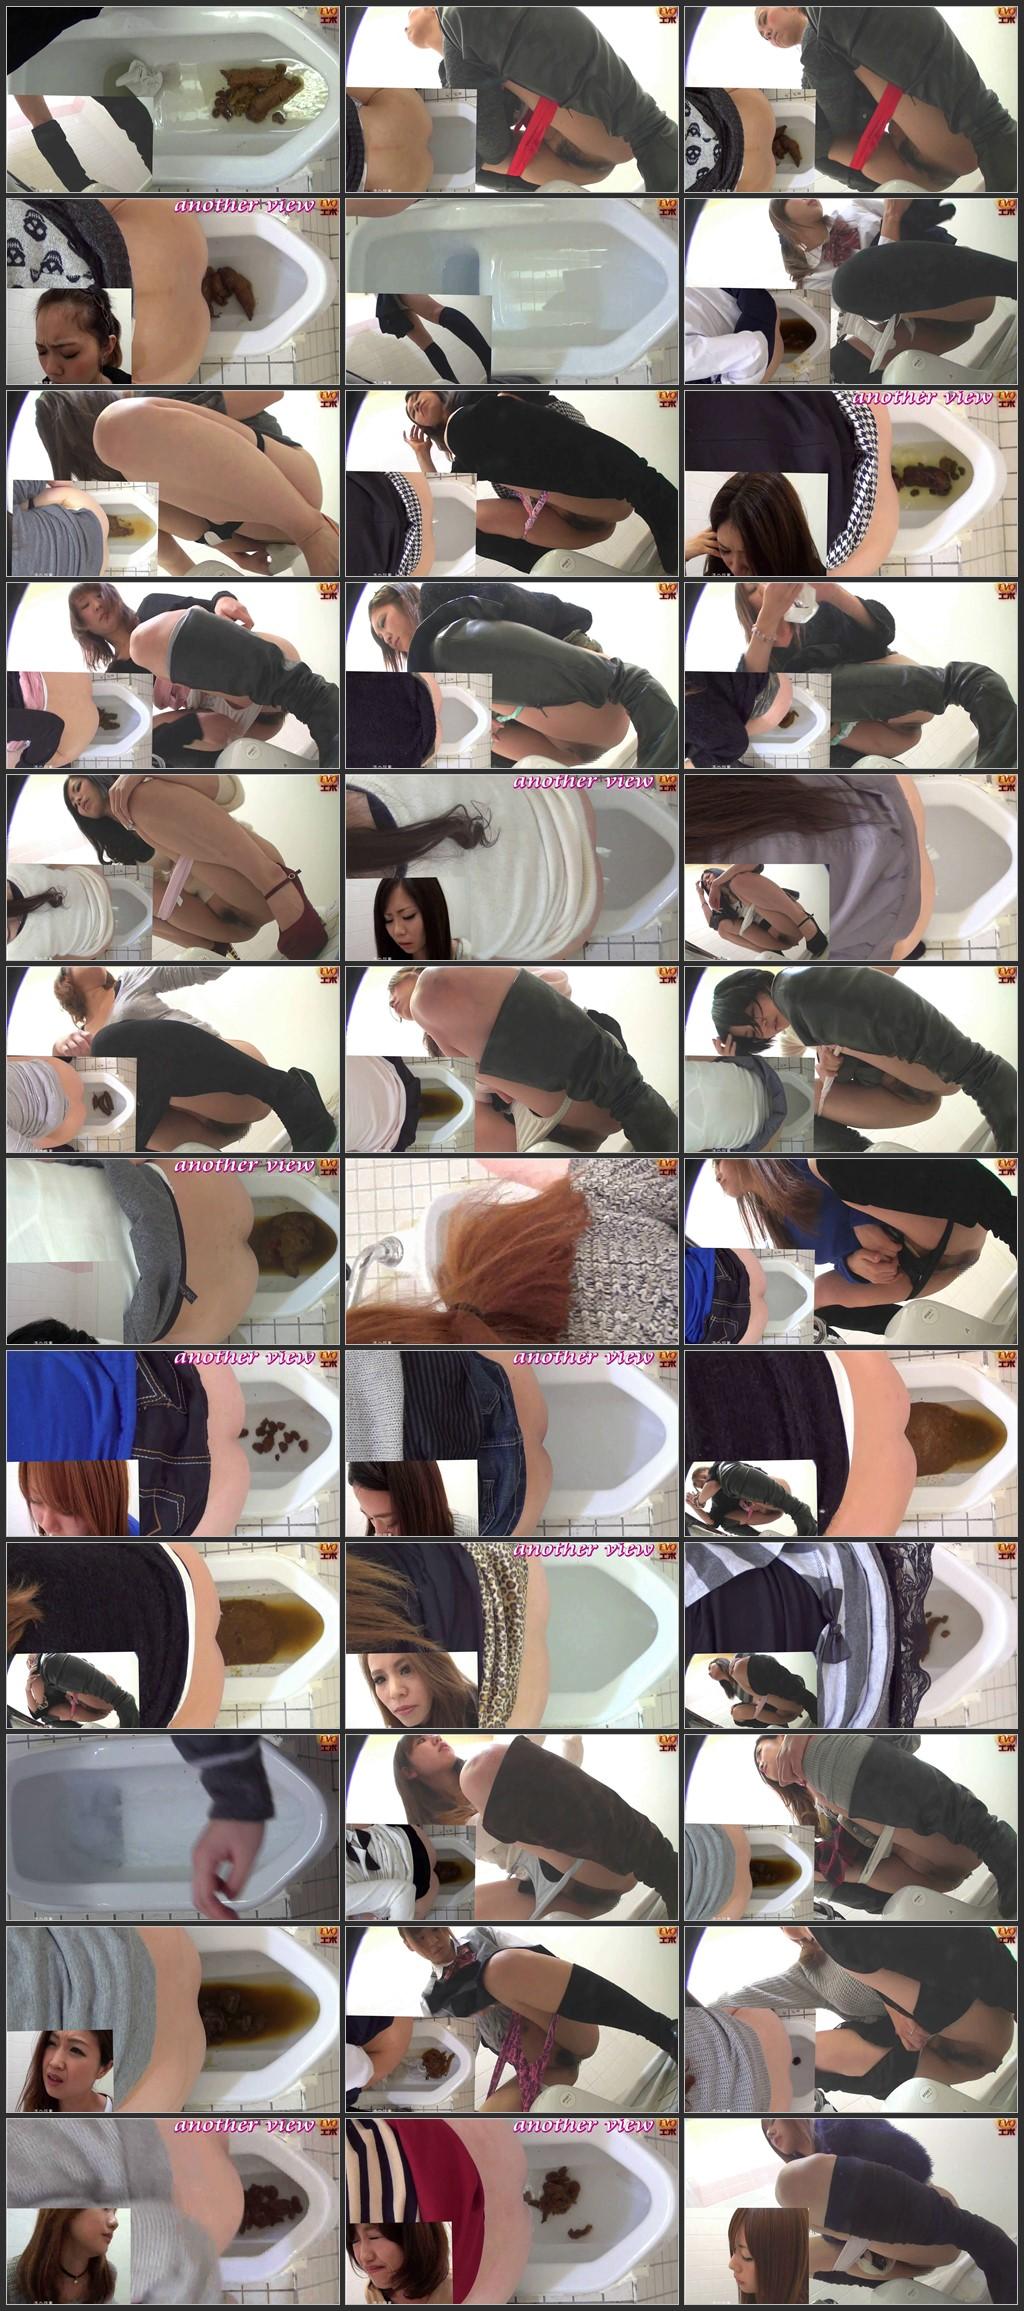 [E28-05] 盗覗3カメトイレ 便器に溜まるウンコ トイレ(盗撮) 盗撮 Scat